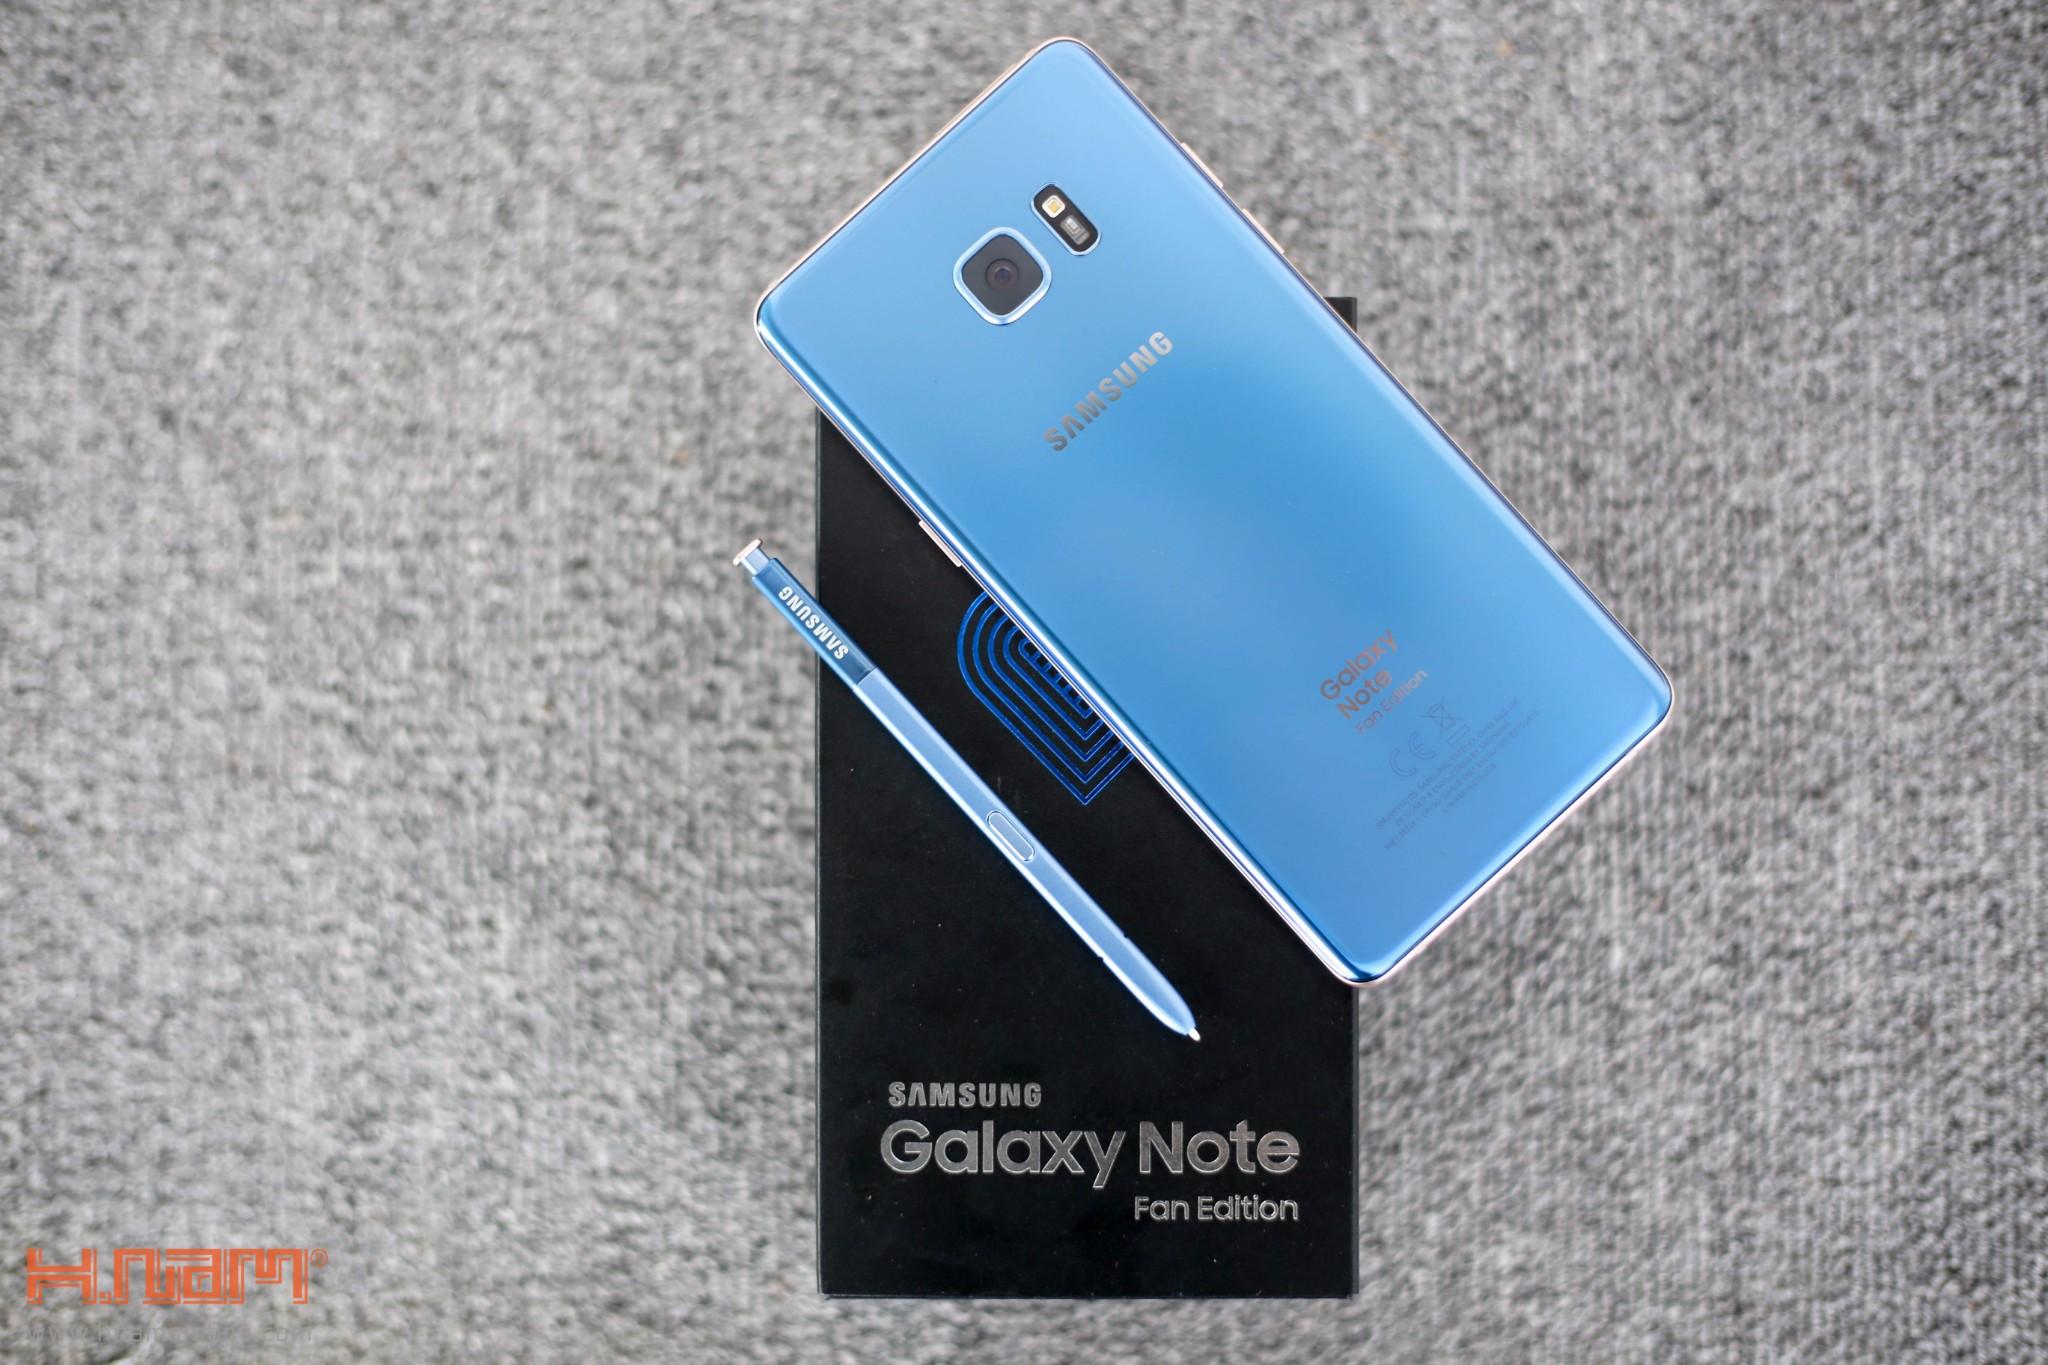 Đập hộp Galaxy Note FE Blue Coral: Phiên bản đặc biệt dành cho NoteFan hình 1